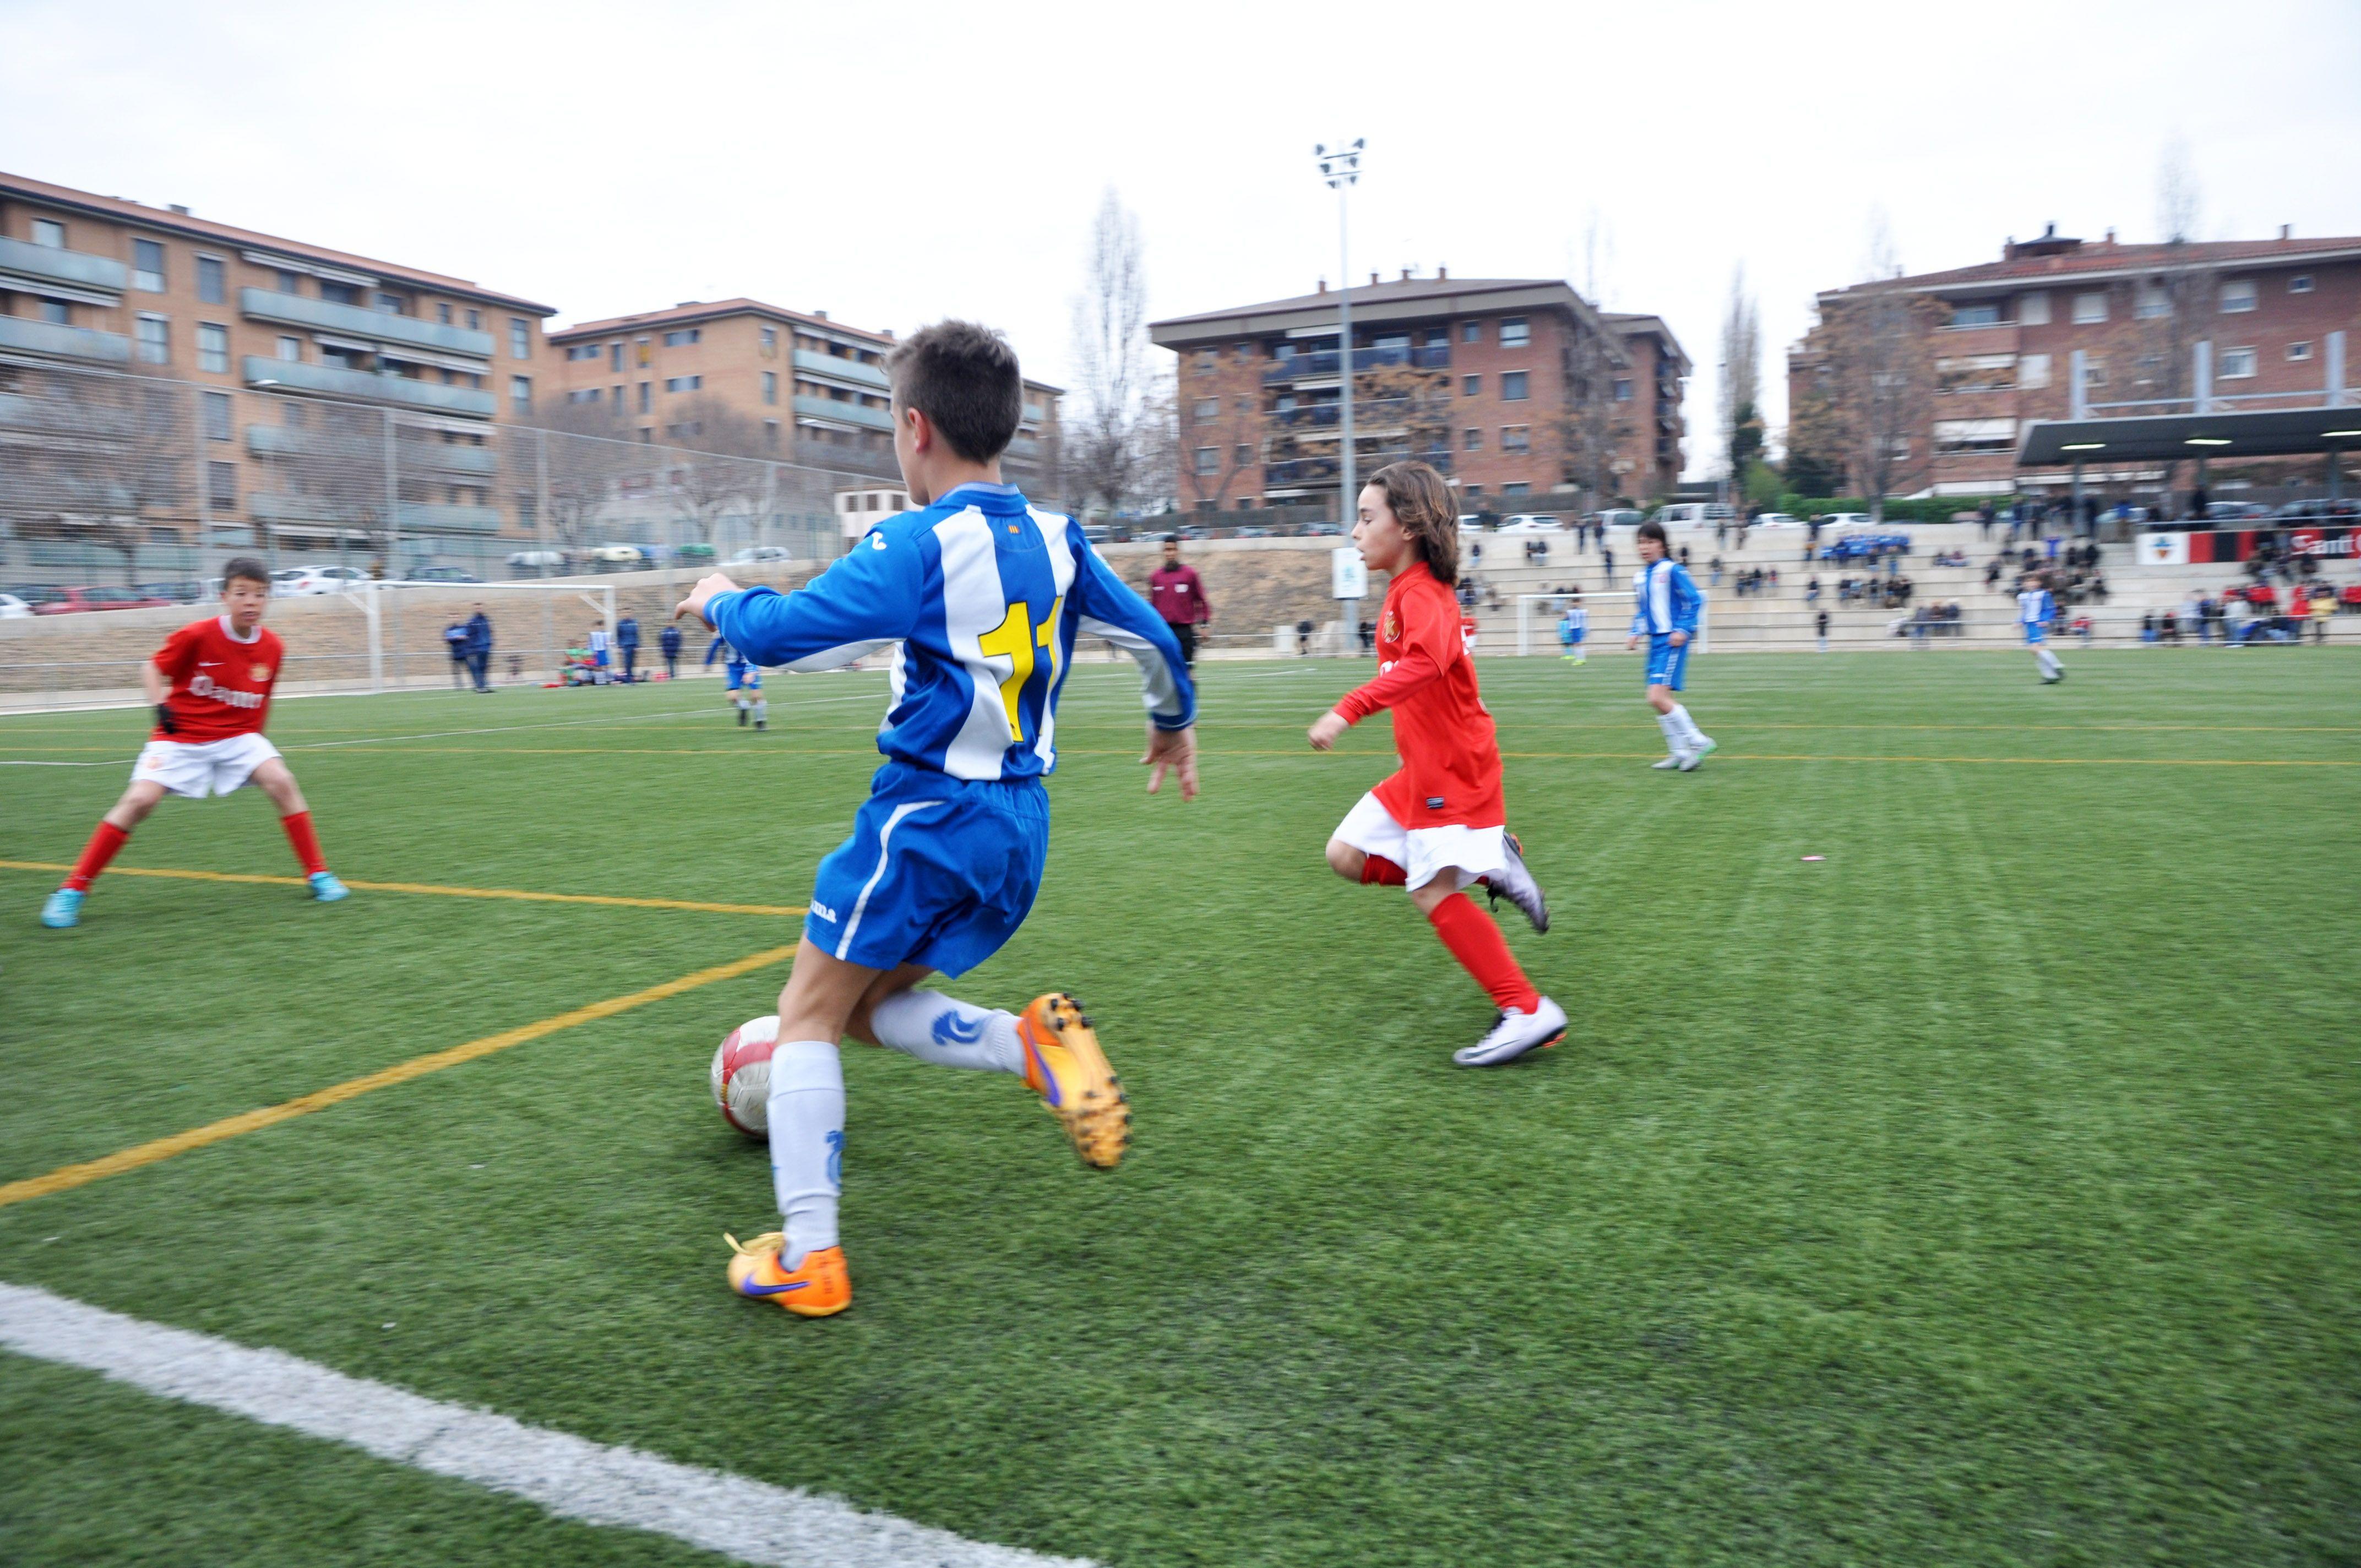 RCD Espanyol i Damm CF han estat també dos dels equips destacats. FOTO: Pere Fernández